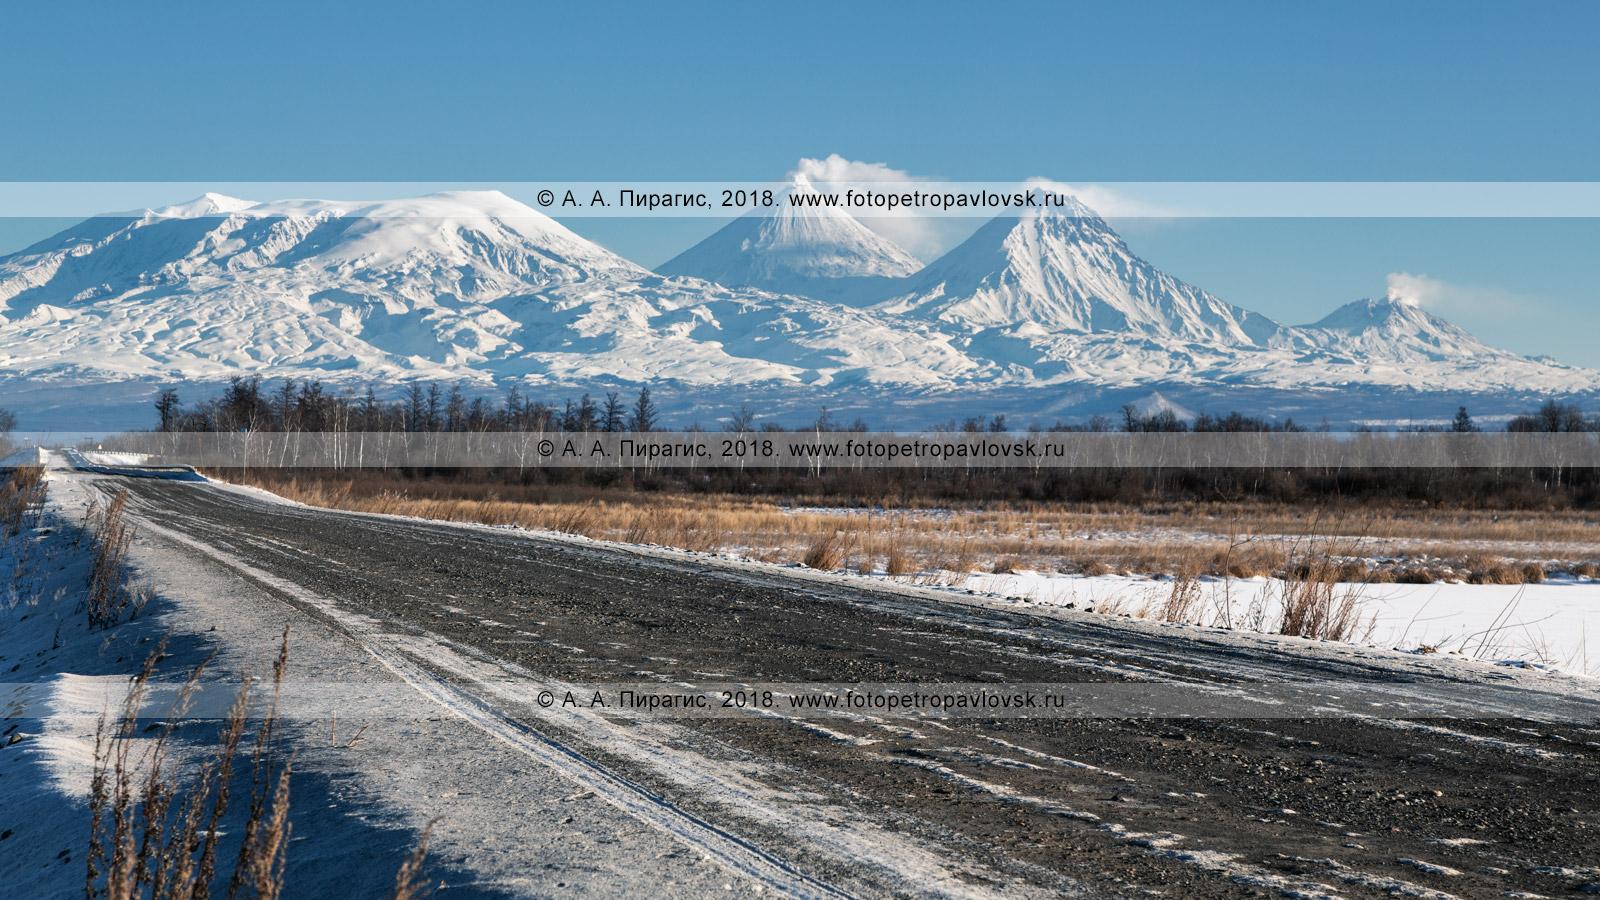 Фотография: зимняя камчатская дорога фоне вулканов Ключевской группы